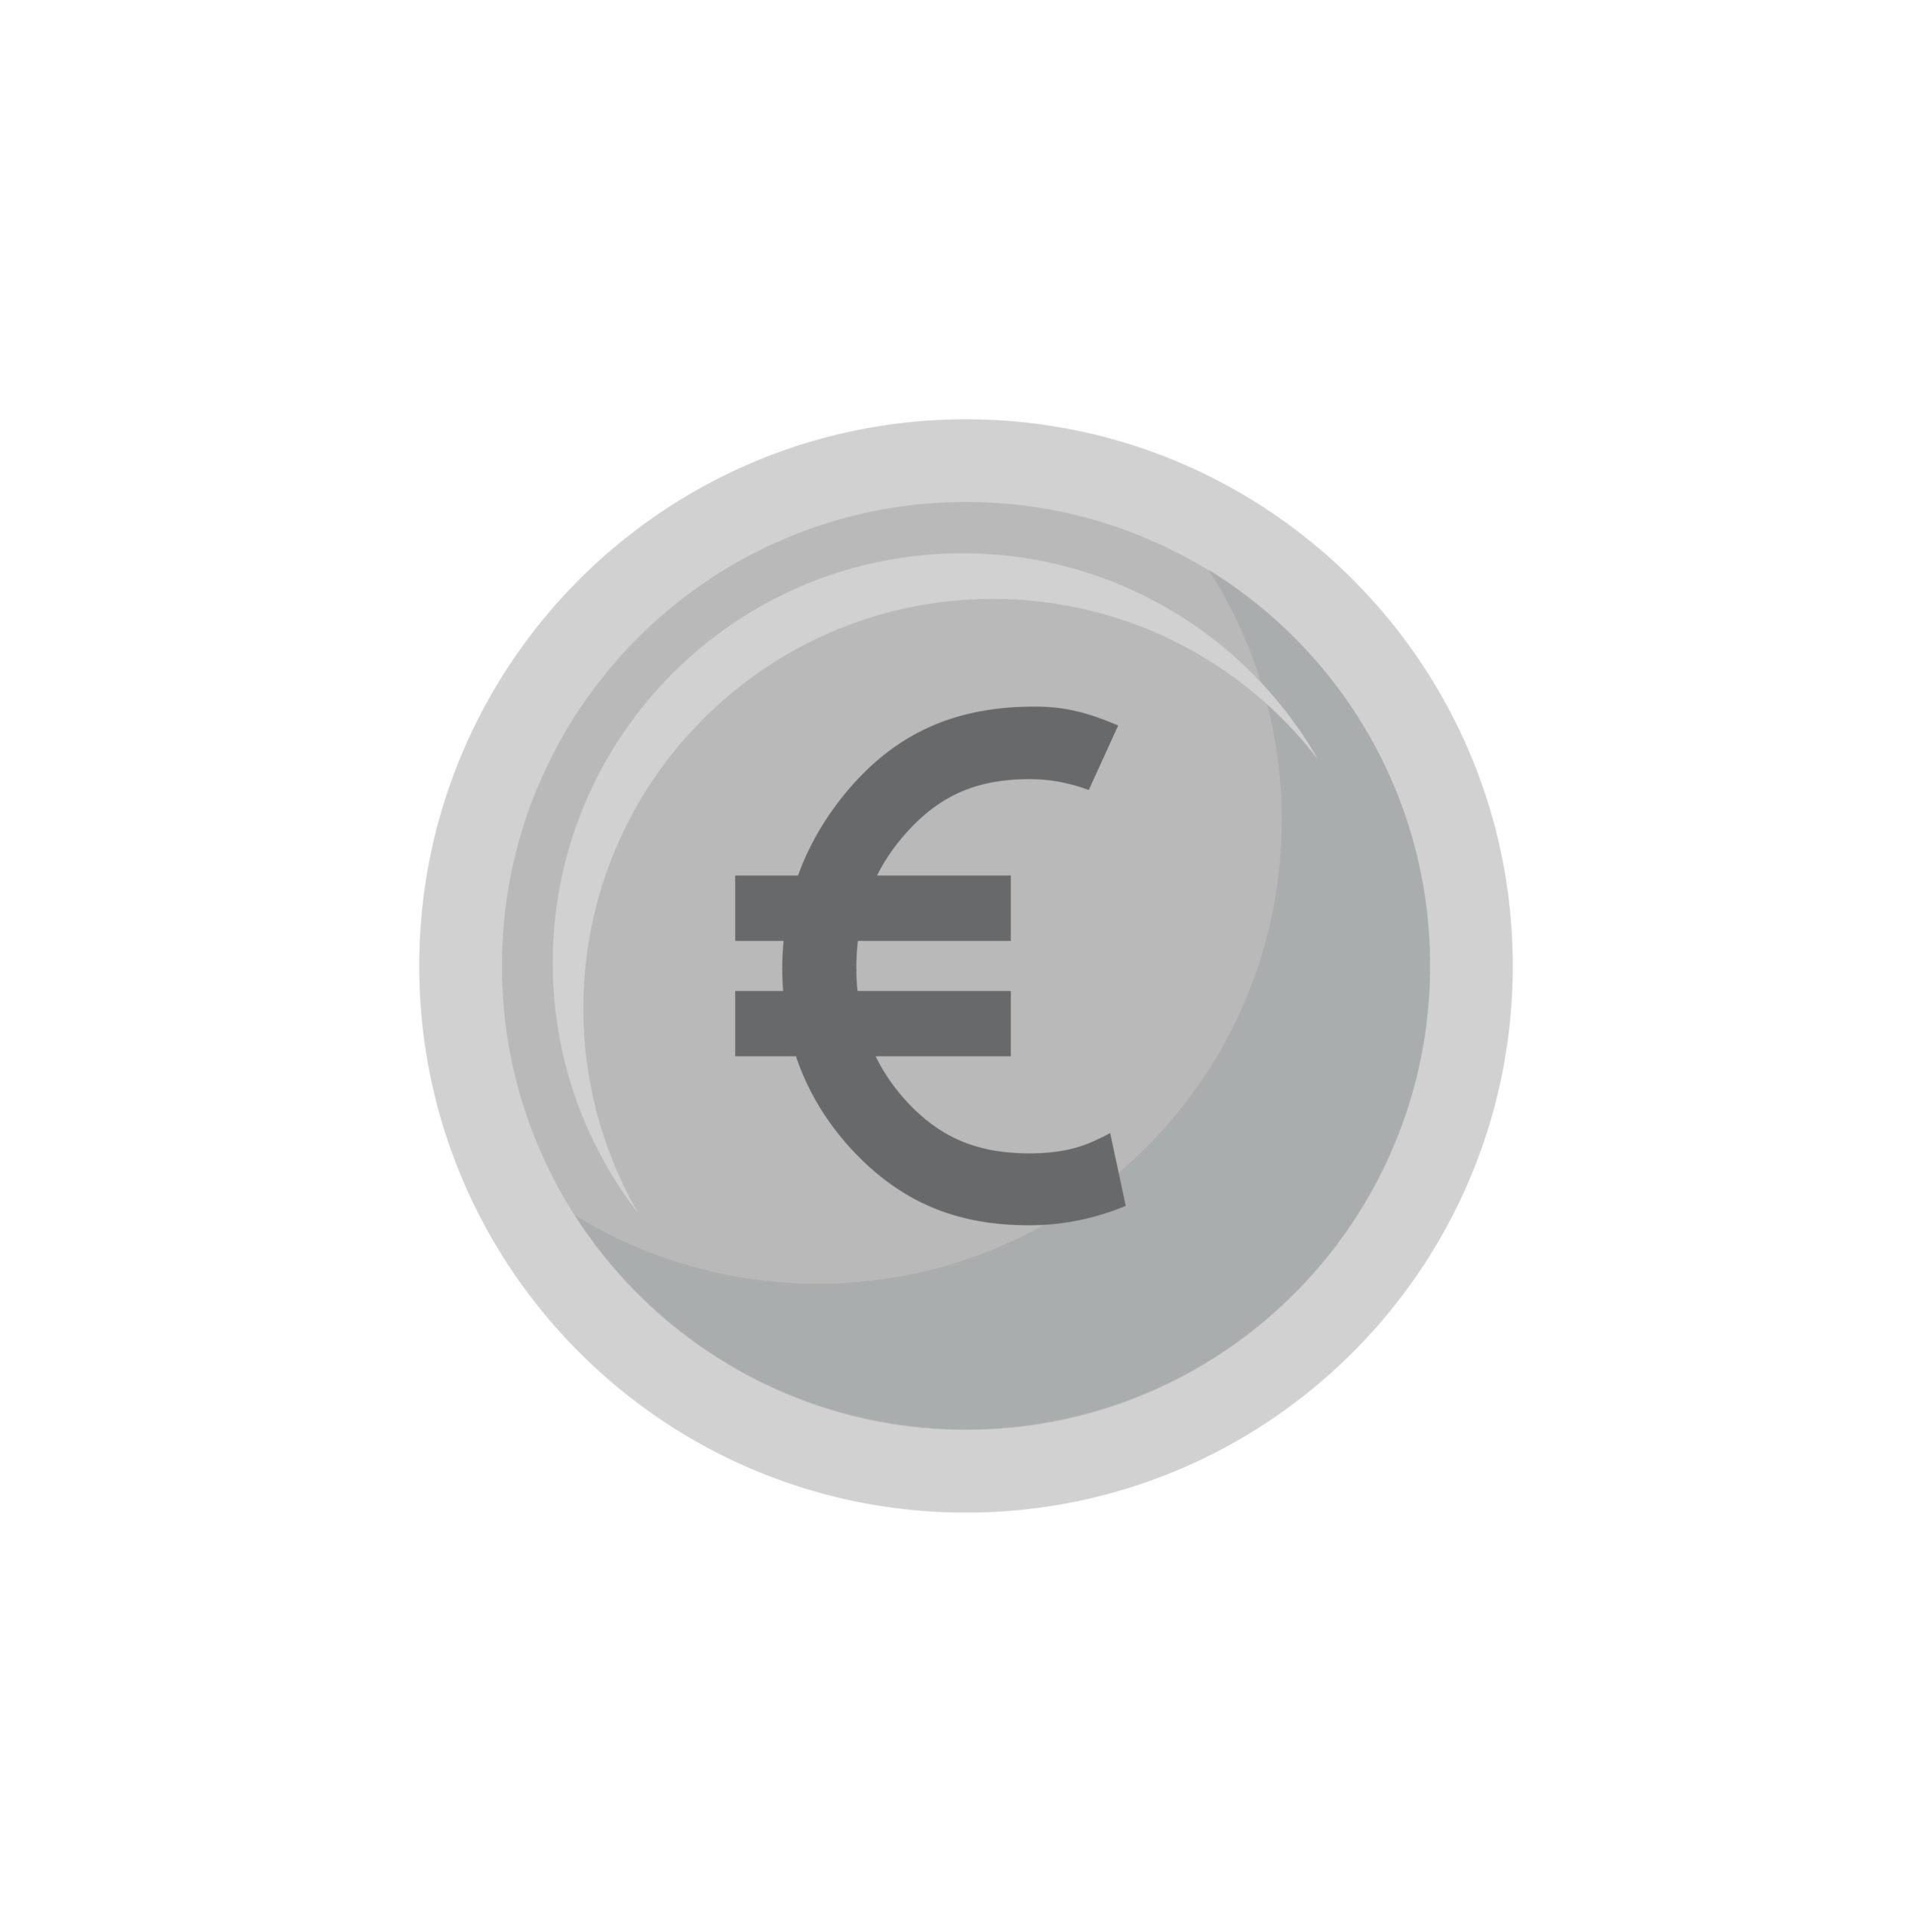 illustration vectorielle du symbole euro